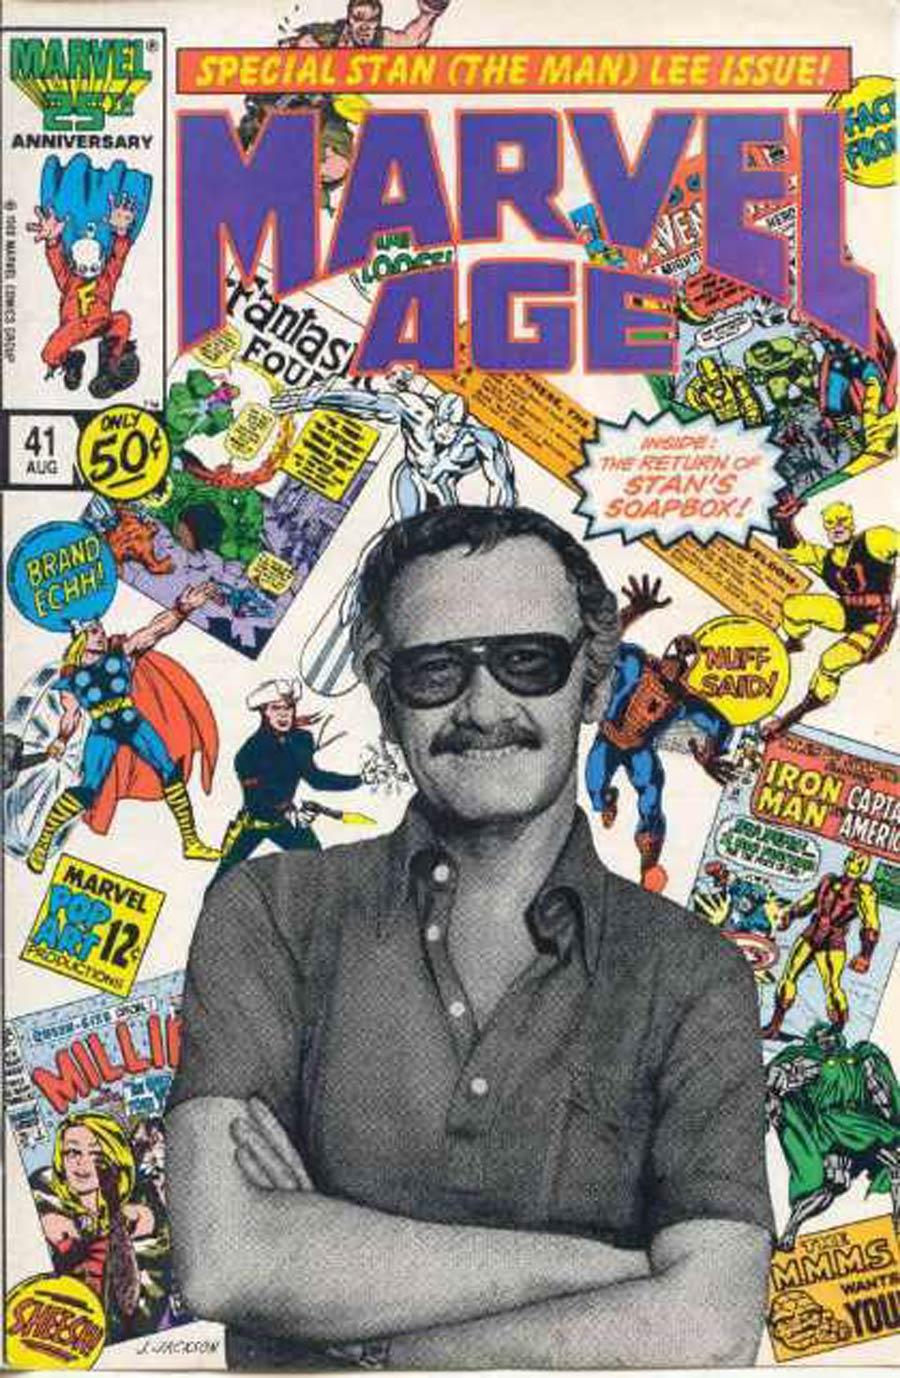 Marvel Age #41